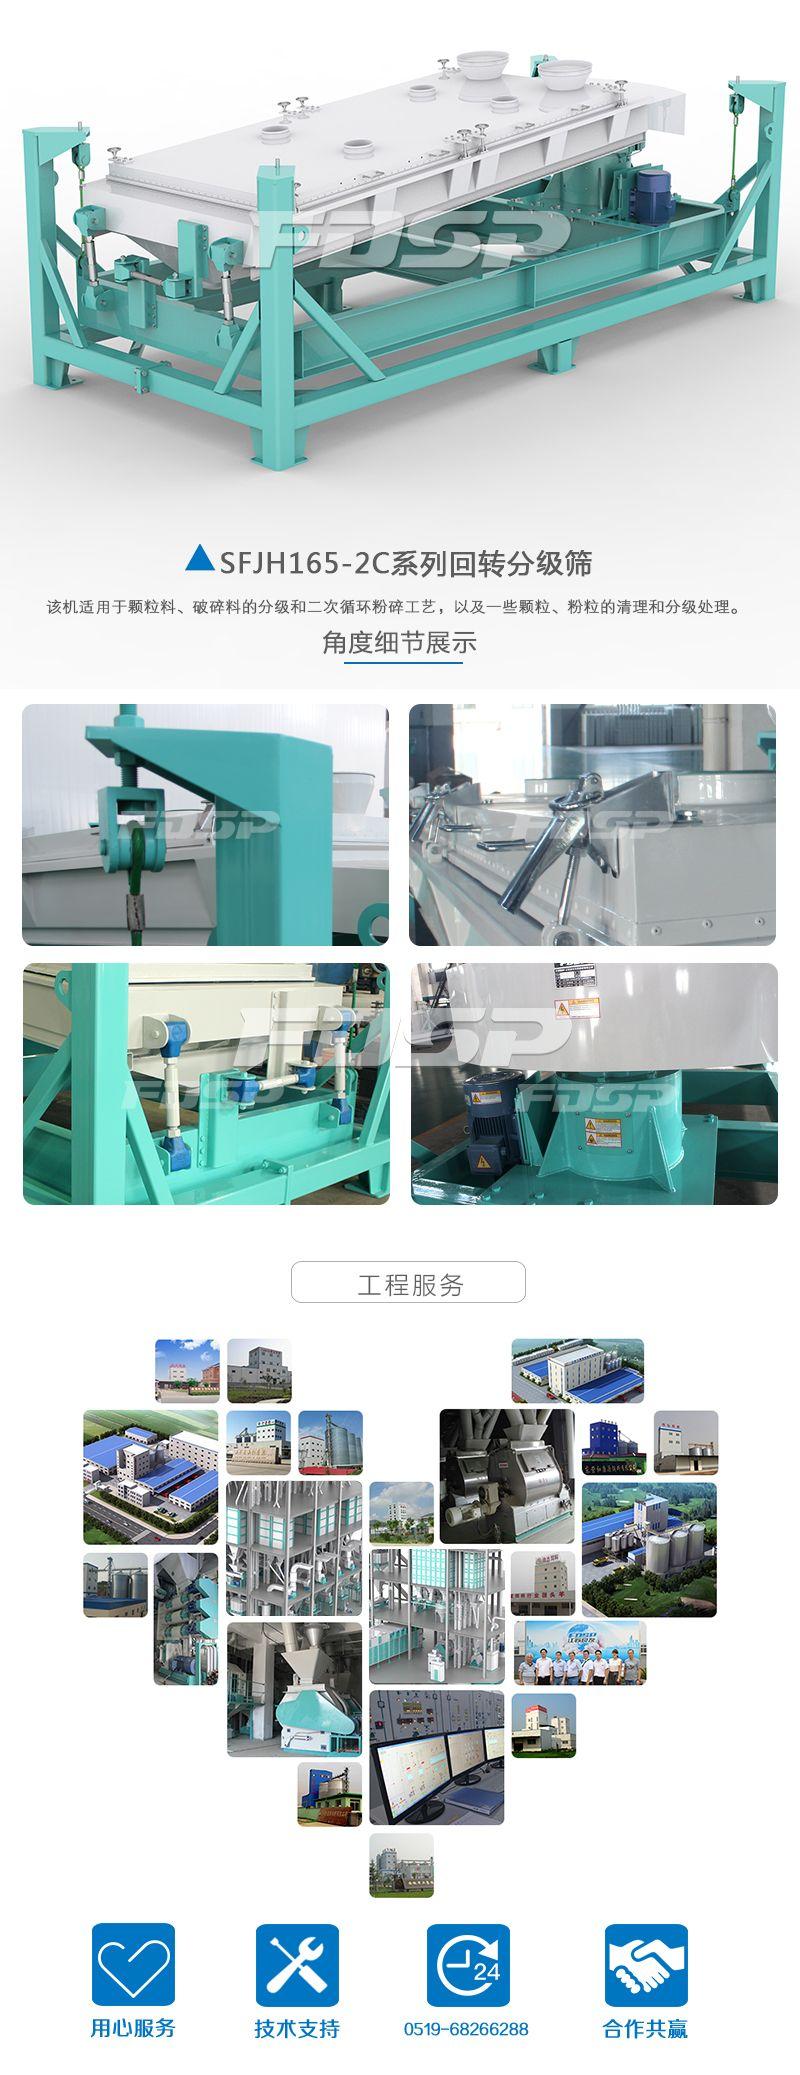 Pantalla de clasificación giratoria serie SFJH165 × 2C